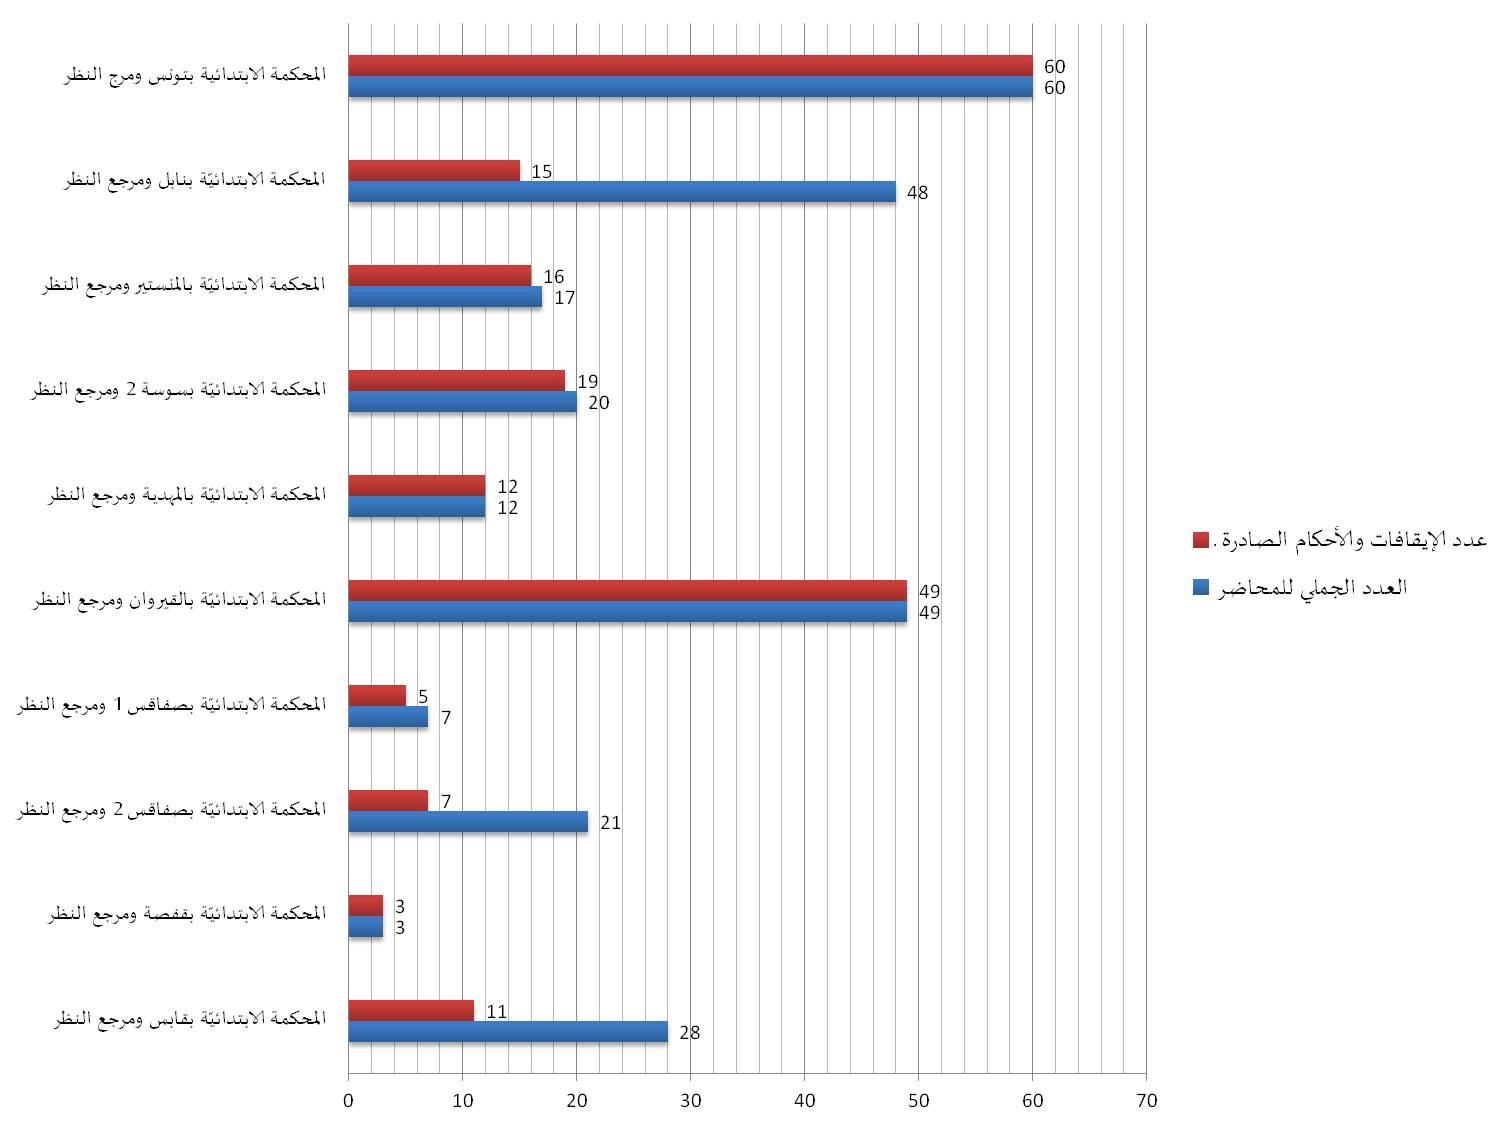 محاكمات الحجر الصحي في تونس: تشدد قضائي حيث وجب الحذر وعقوبة من دون نص